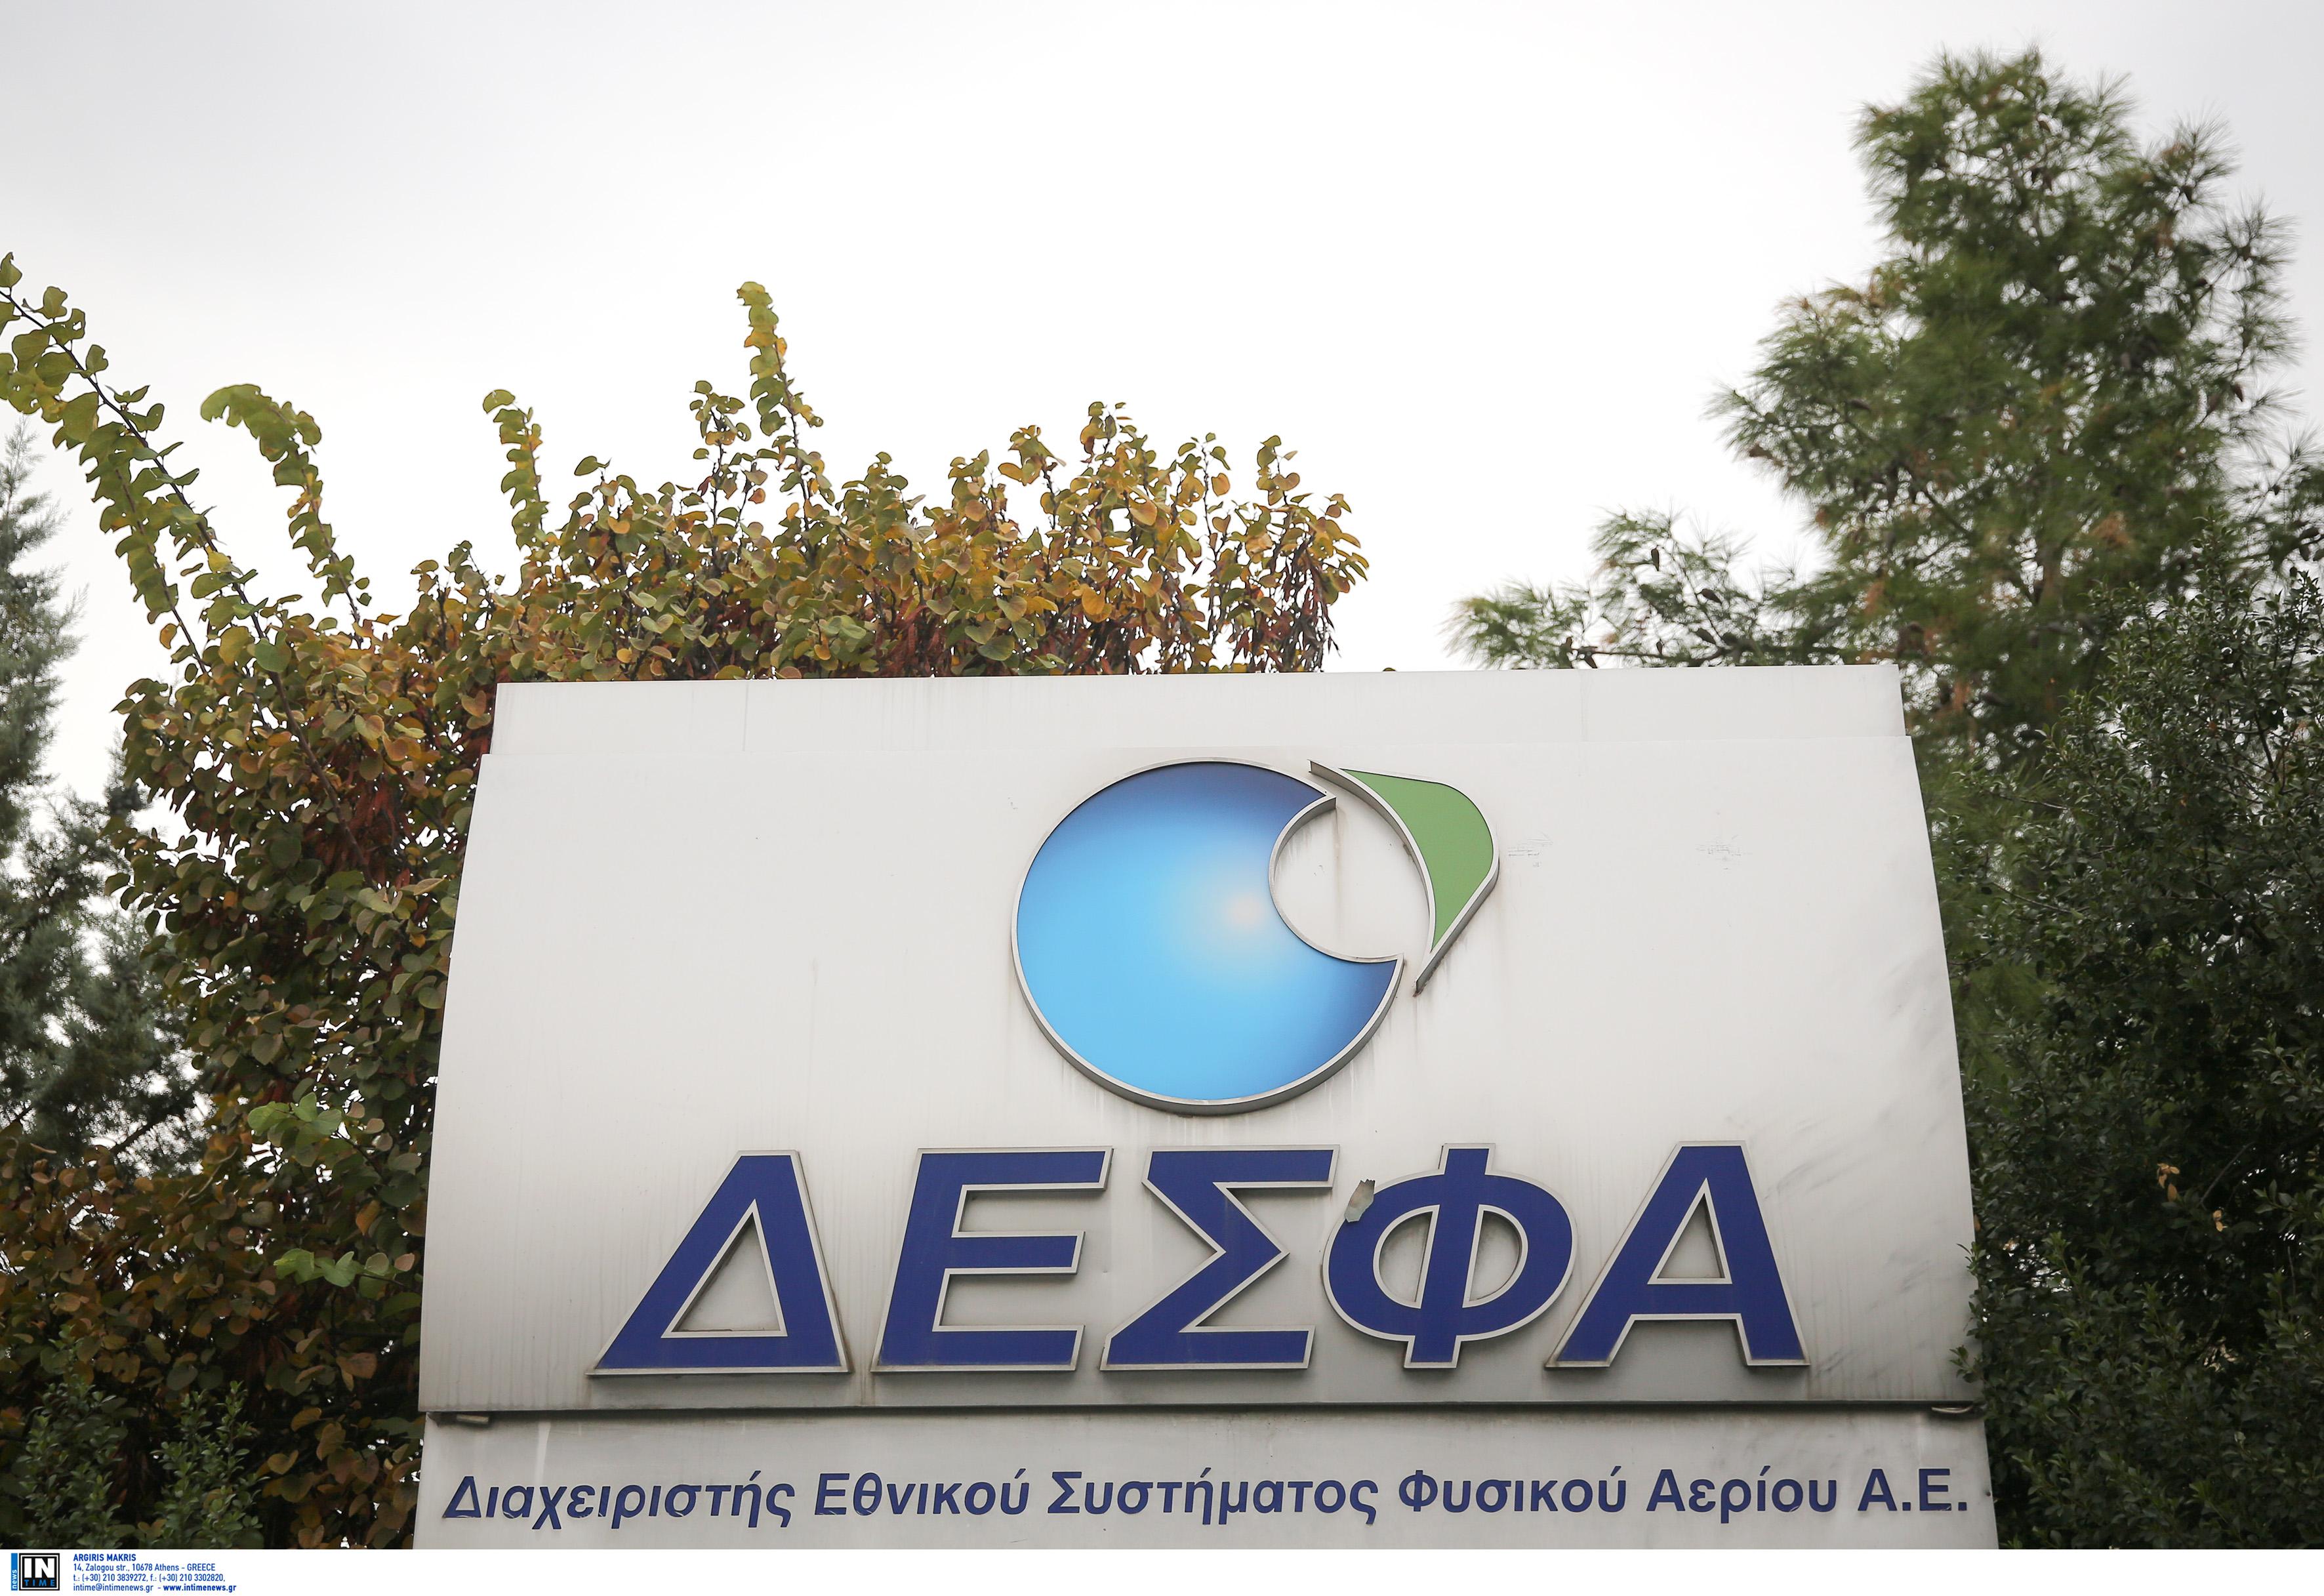 Σταθάκης: Τρεις οι προϋποθέσεις για την ομαλή διάθεση του 66% του ΔΕΣΦΑ   tovima.gr